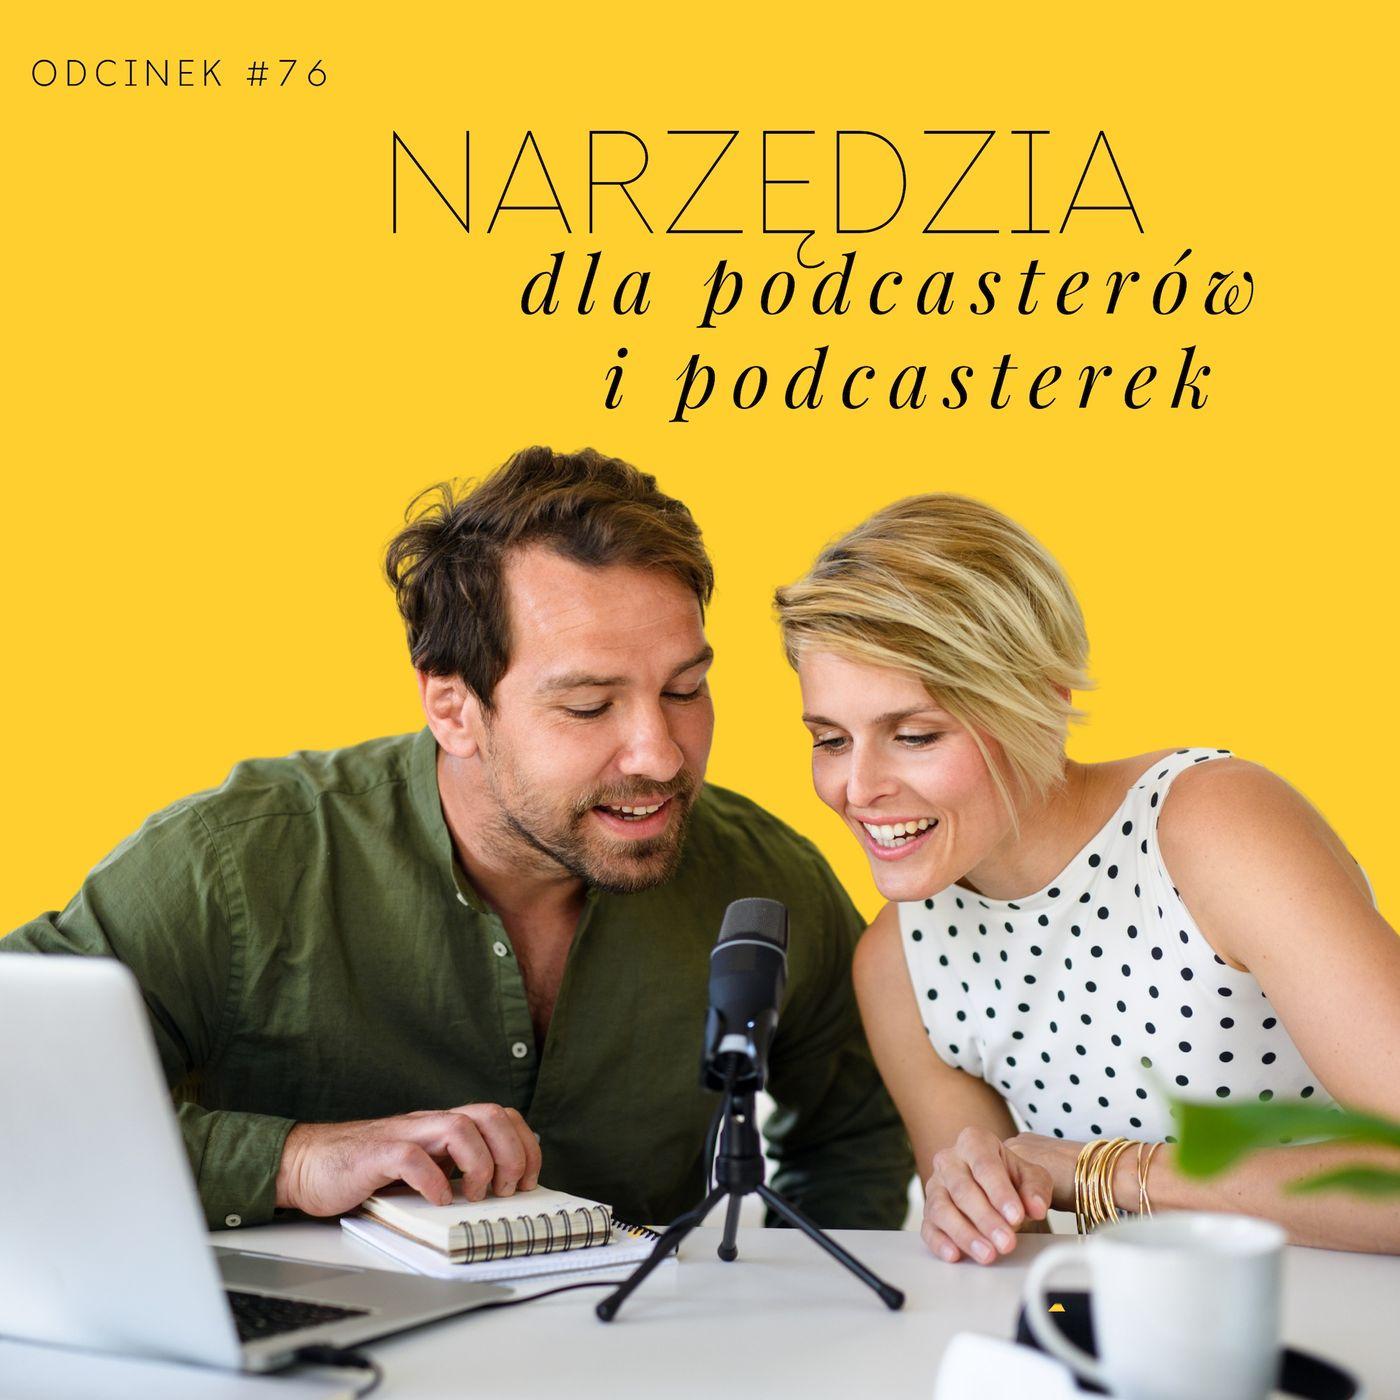 #76 Narzędzia dla podcasterów i podcastrek - część 2